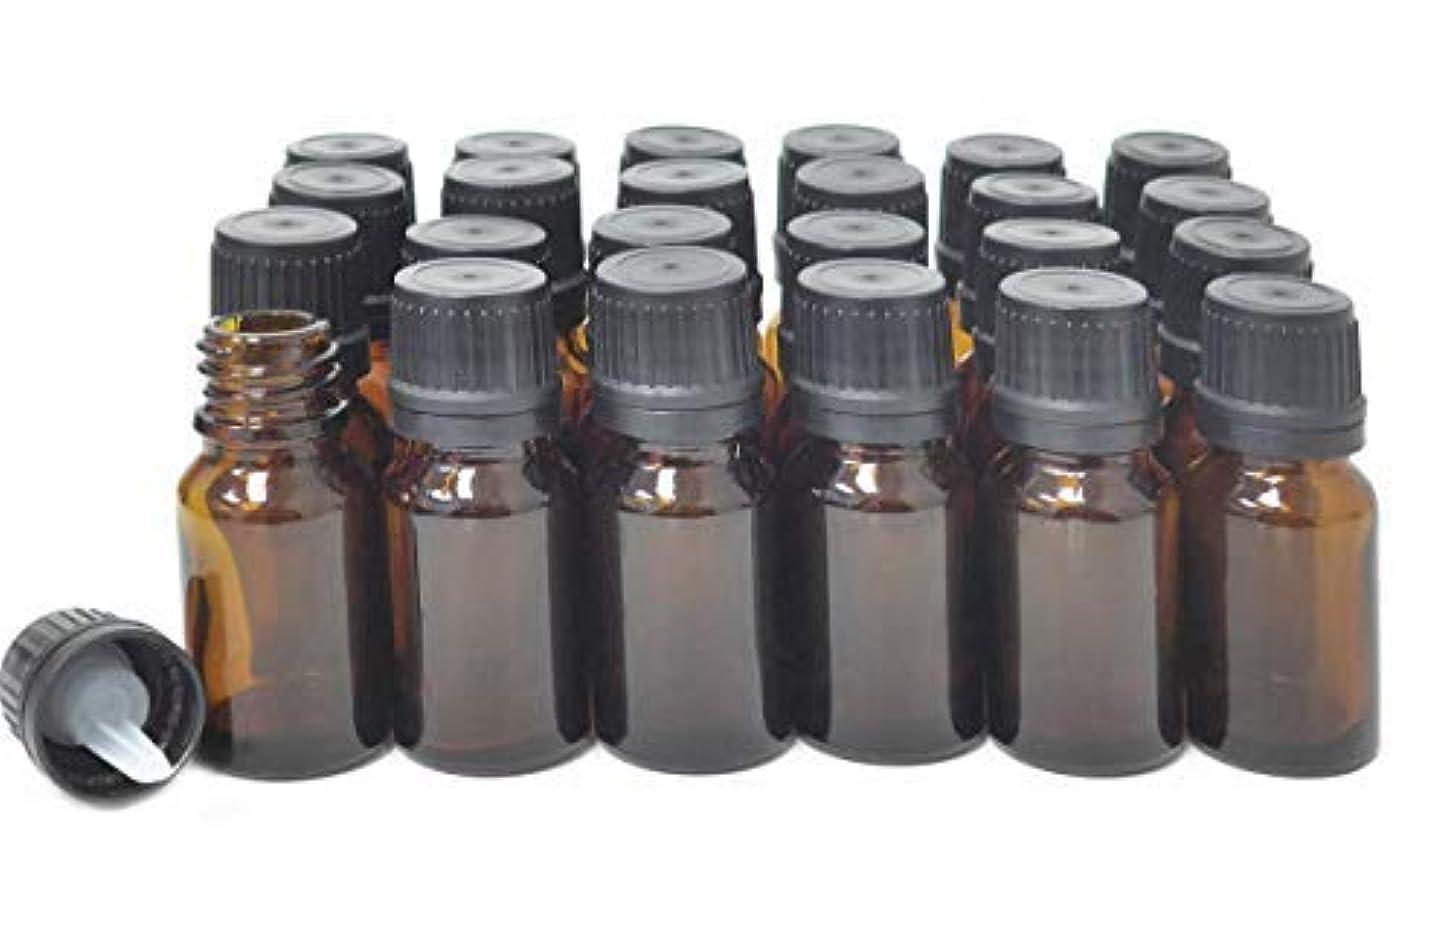 ドロープロペラ征服ljdeals 10ml Amber Essential Oil Bottle with Euro Dropper Black Cap Glass Bottles Pack of 24 [並行輸入品]